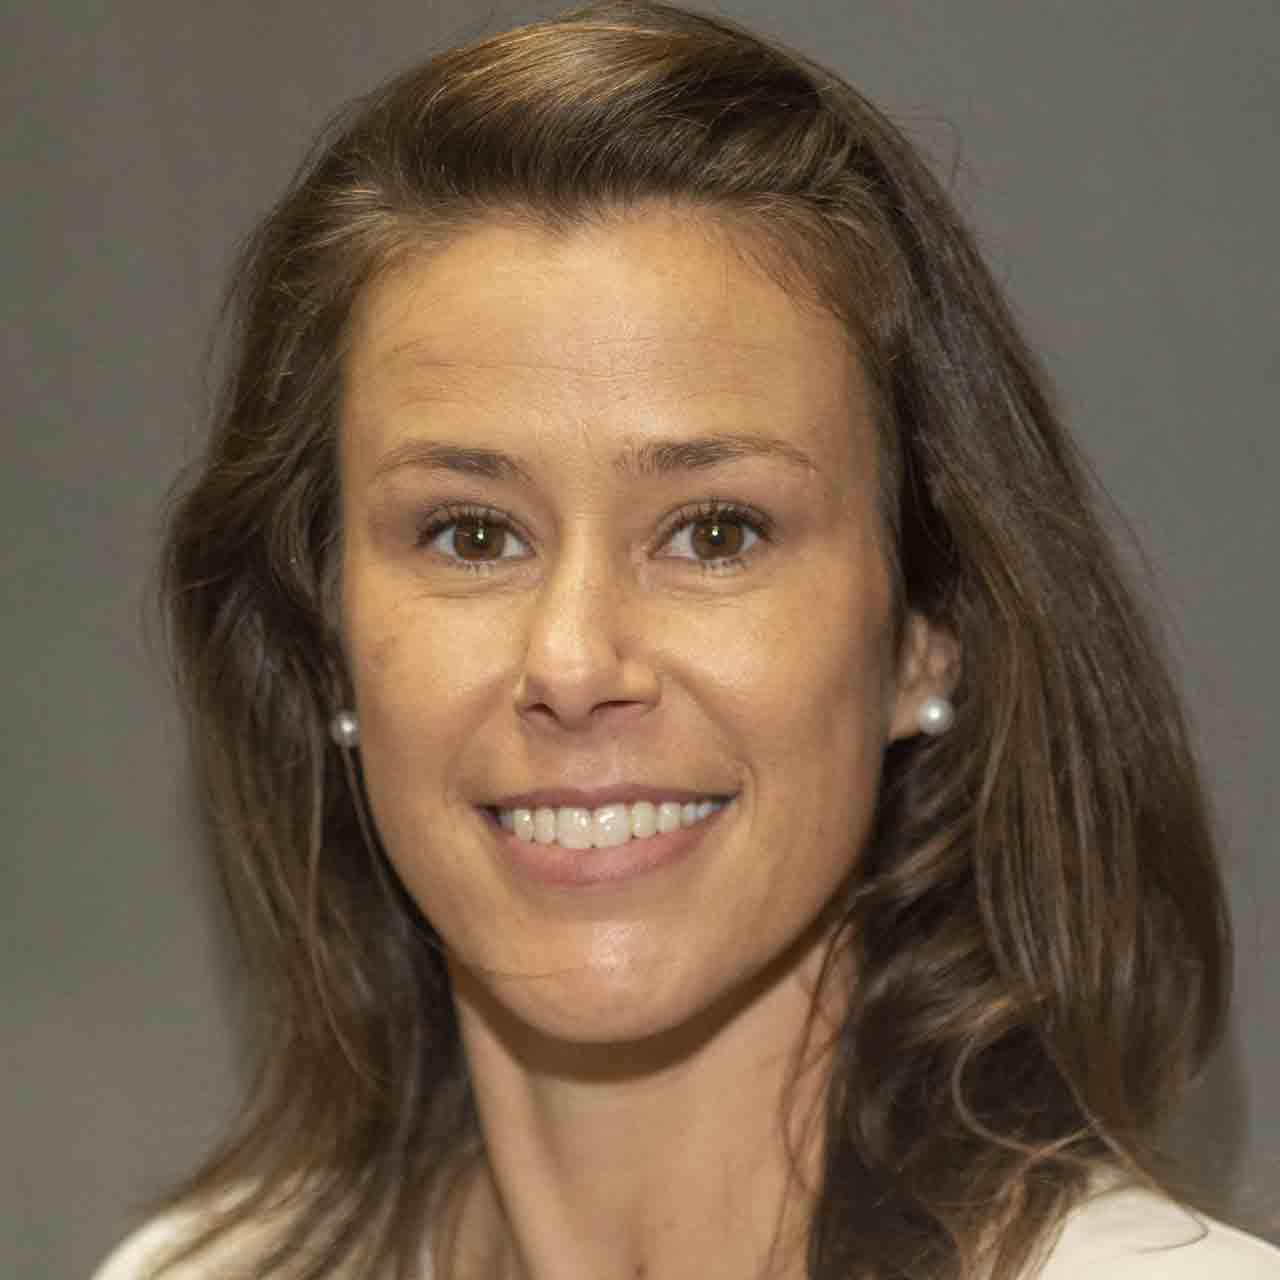 Sarah Moscript